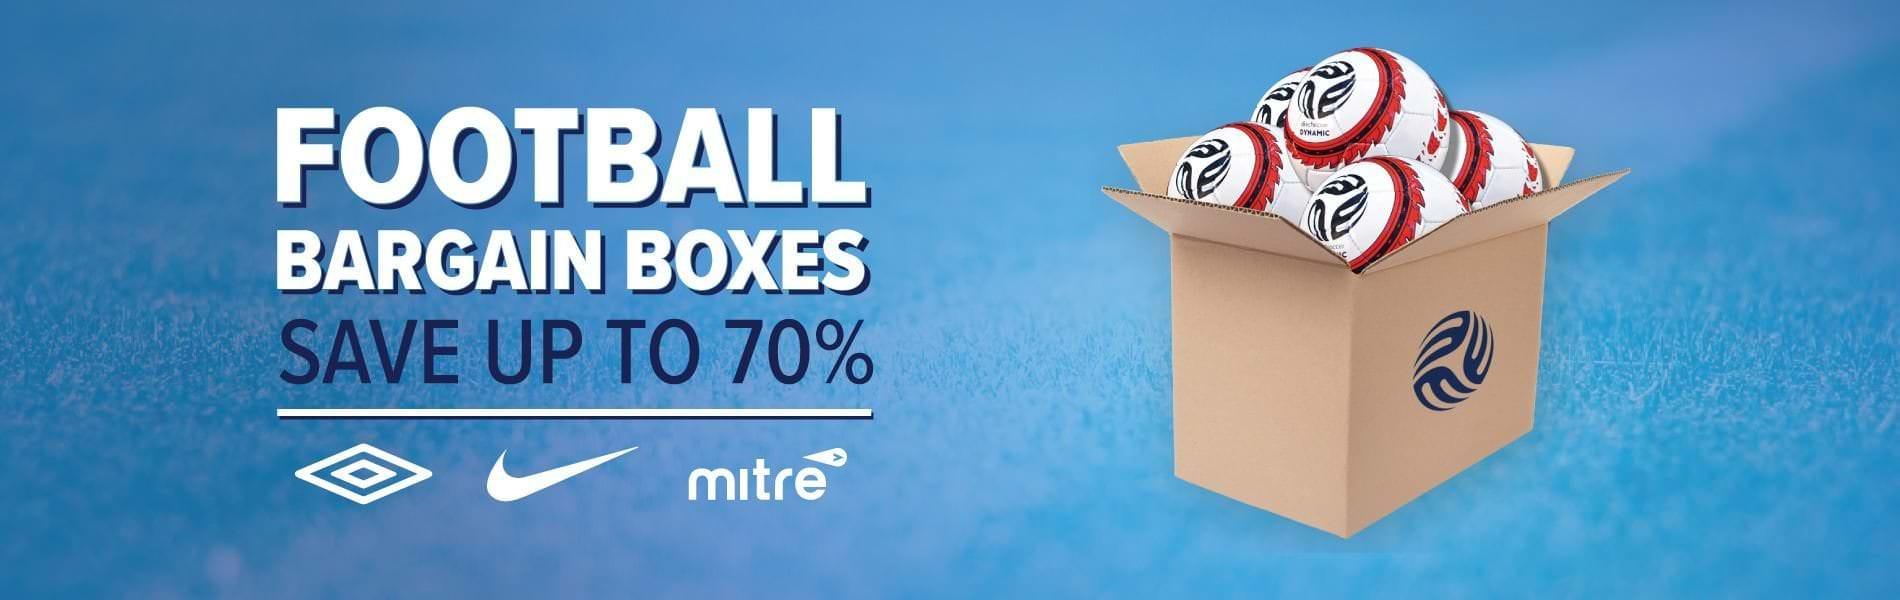 Bargain Boxes